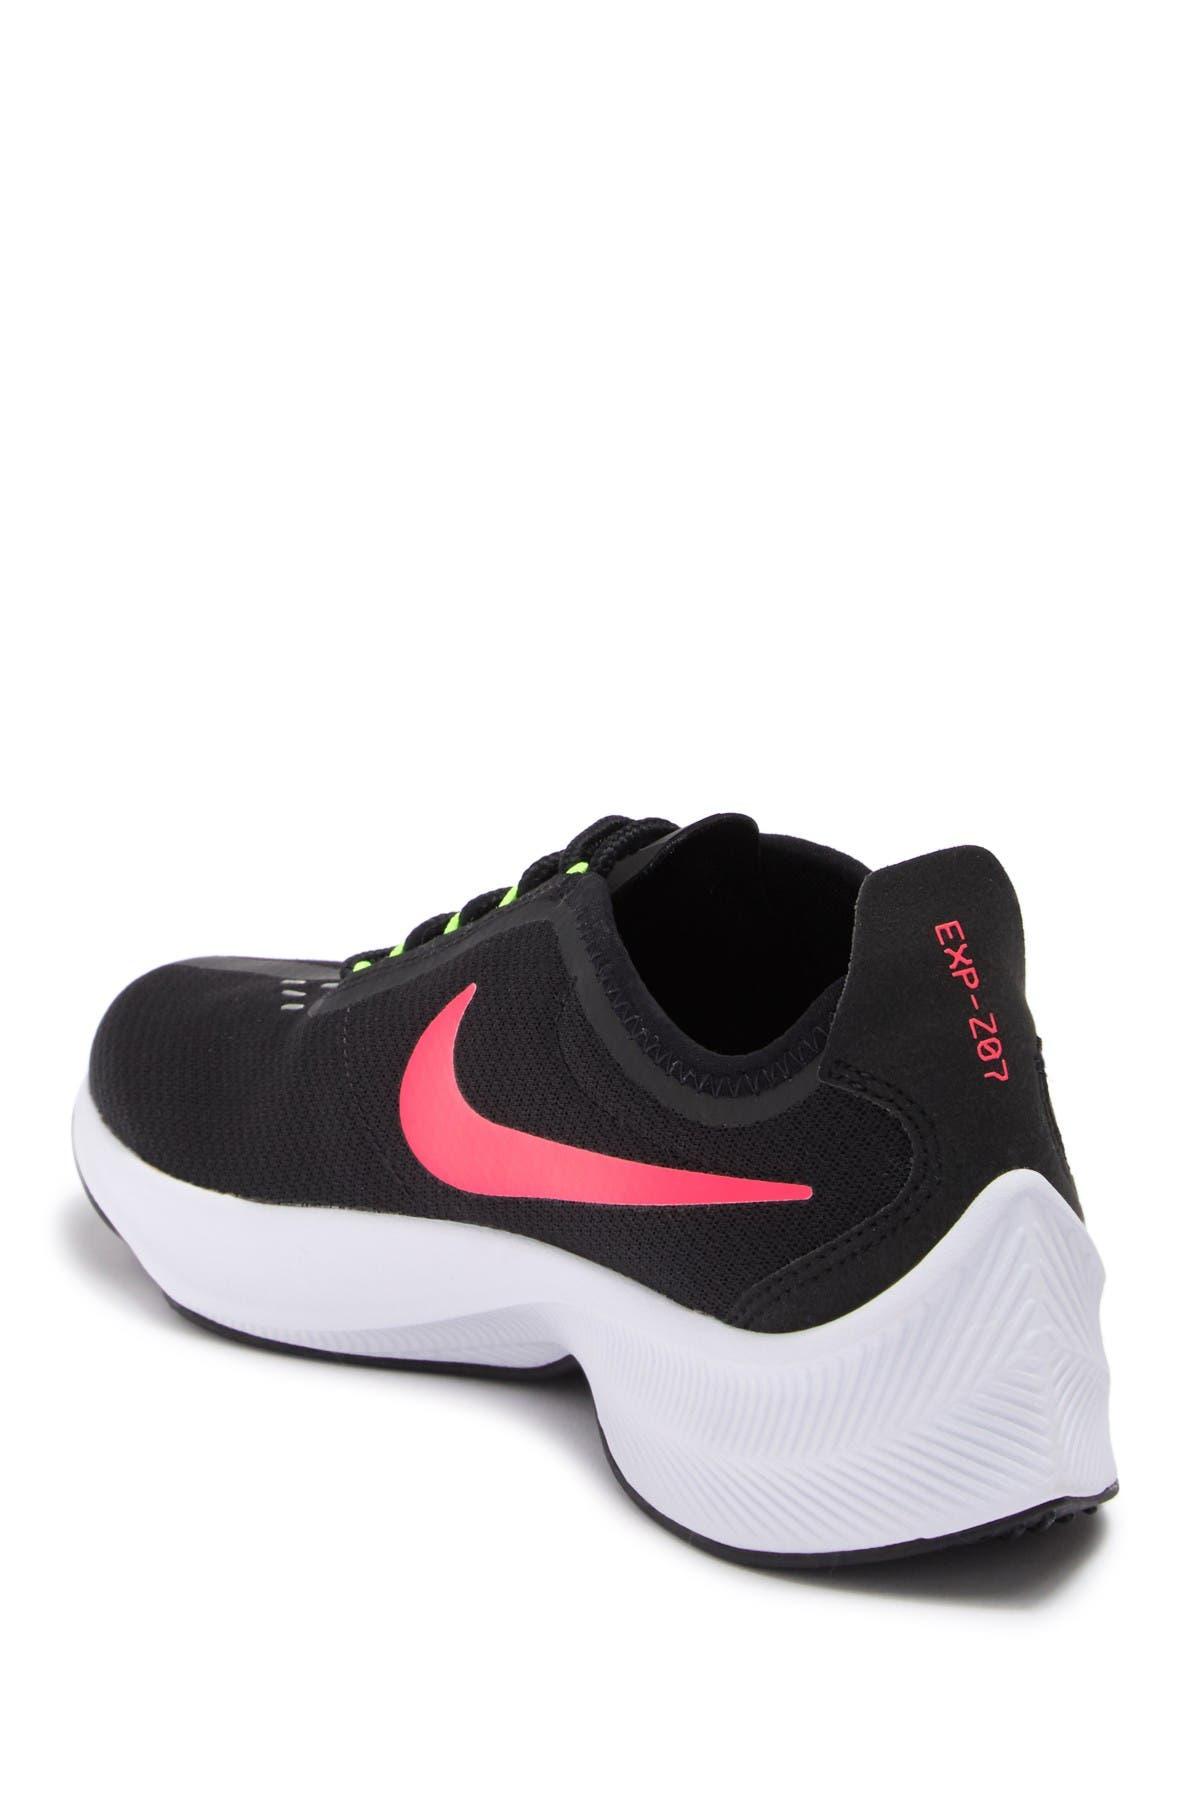 Nike   EXP-Z07 Sneaker   Nordstrom Rack